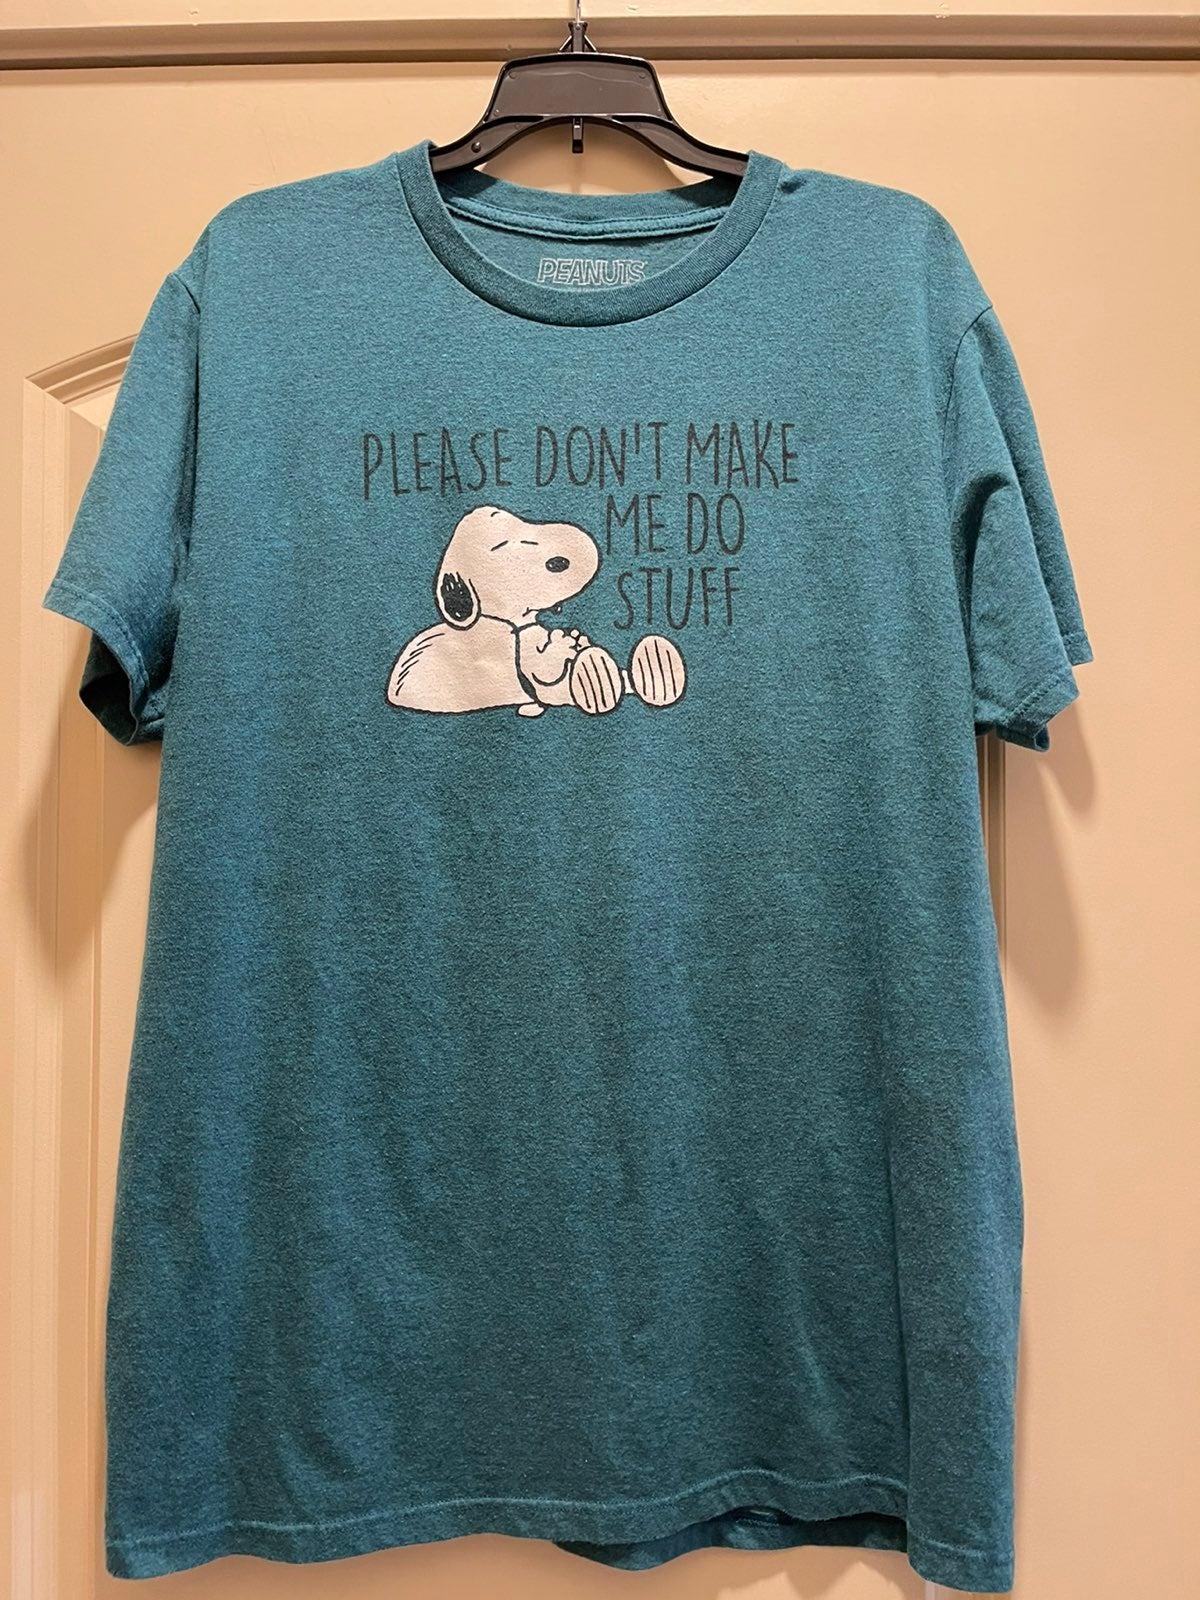 Vintage Peanuts tshirt